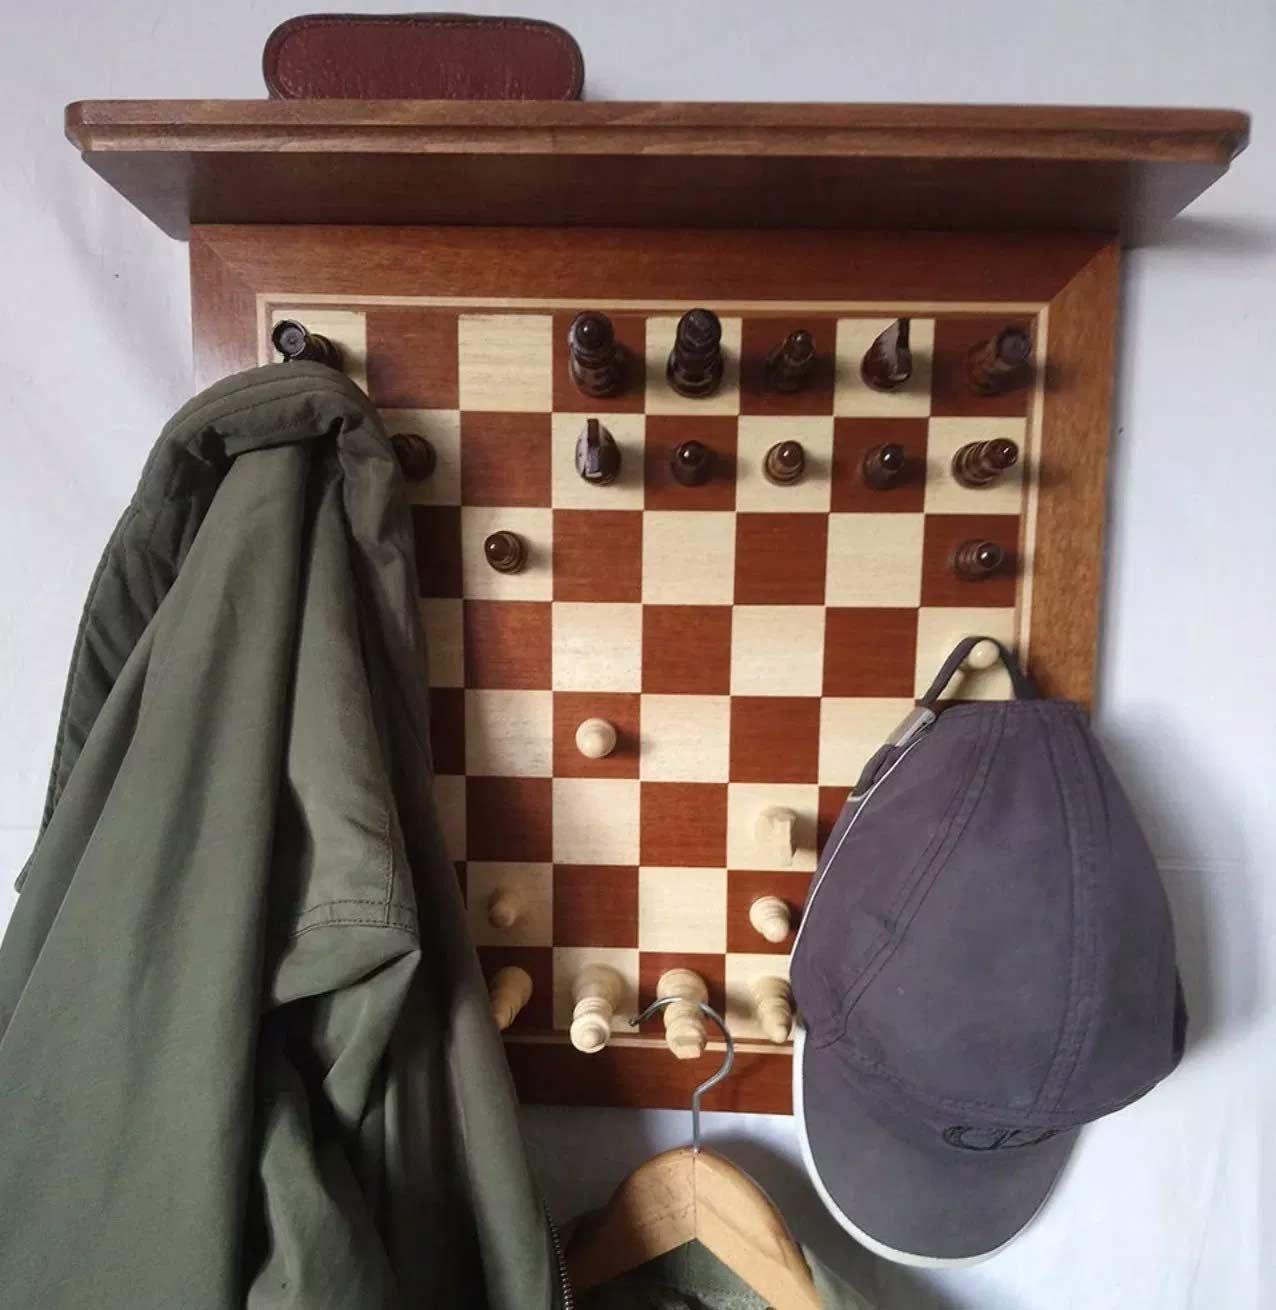 Schachbrett-Garderobe